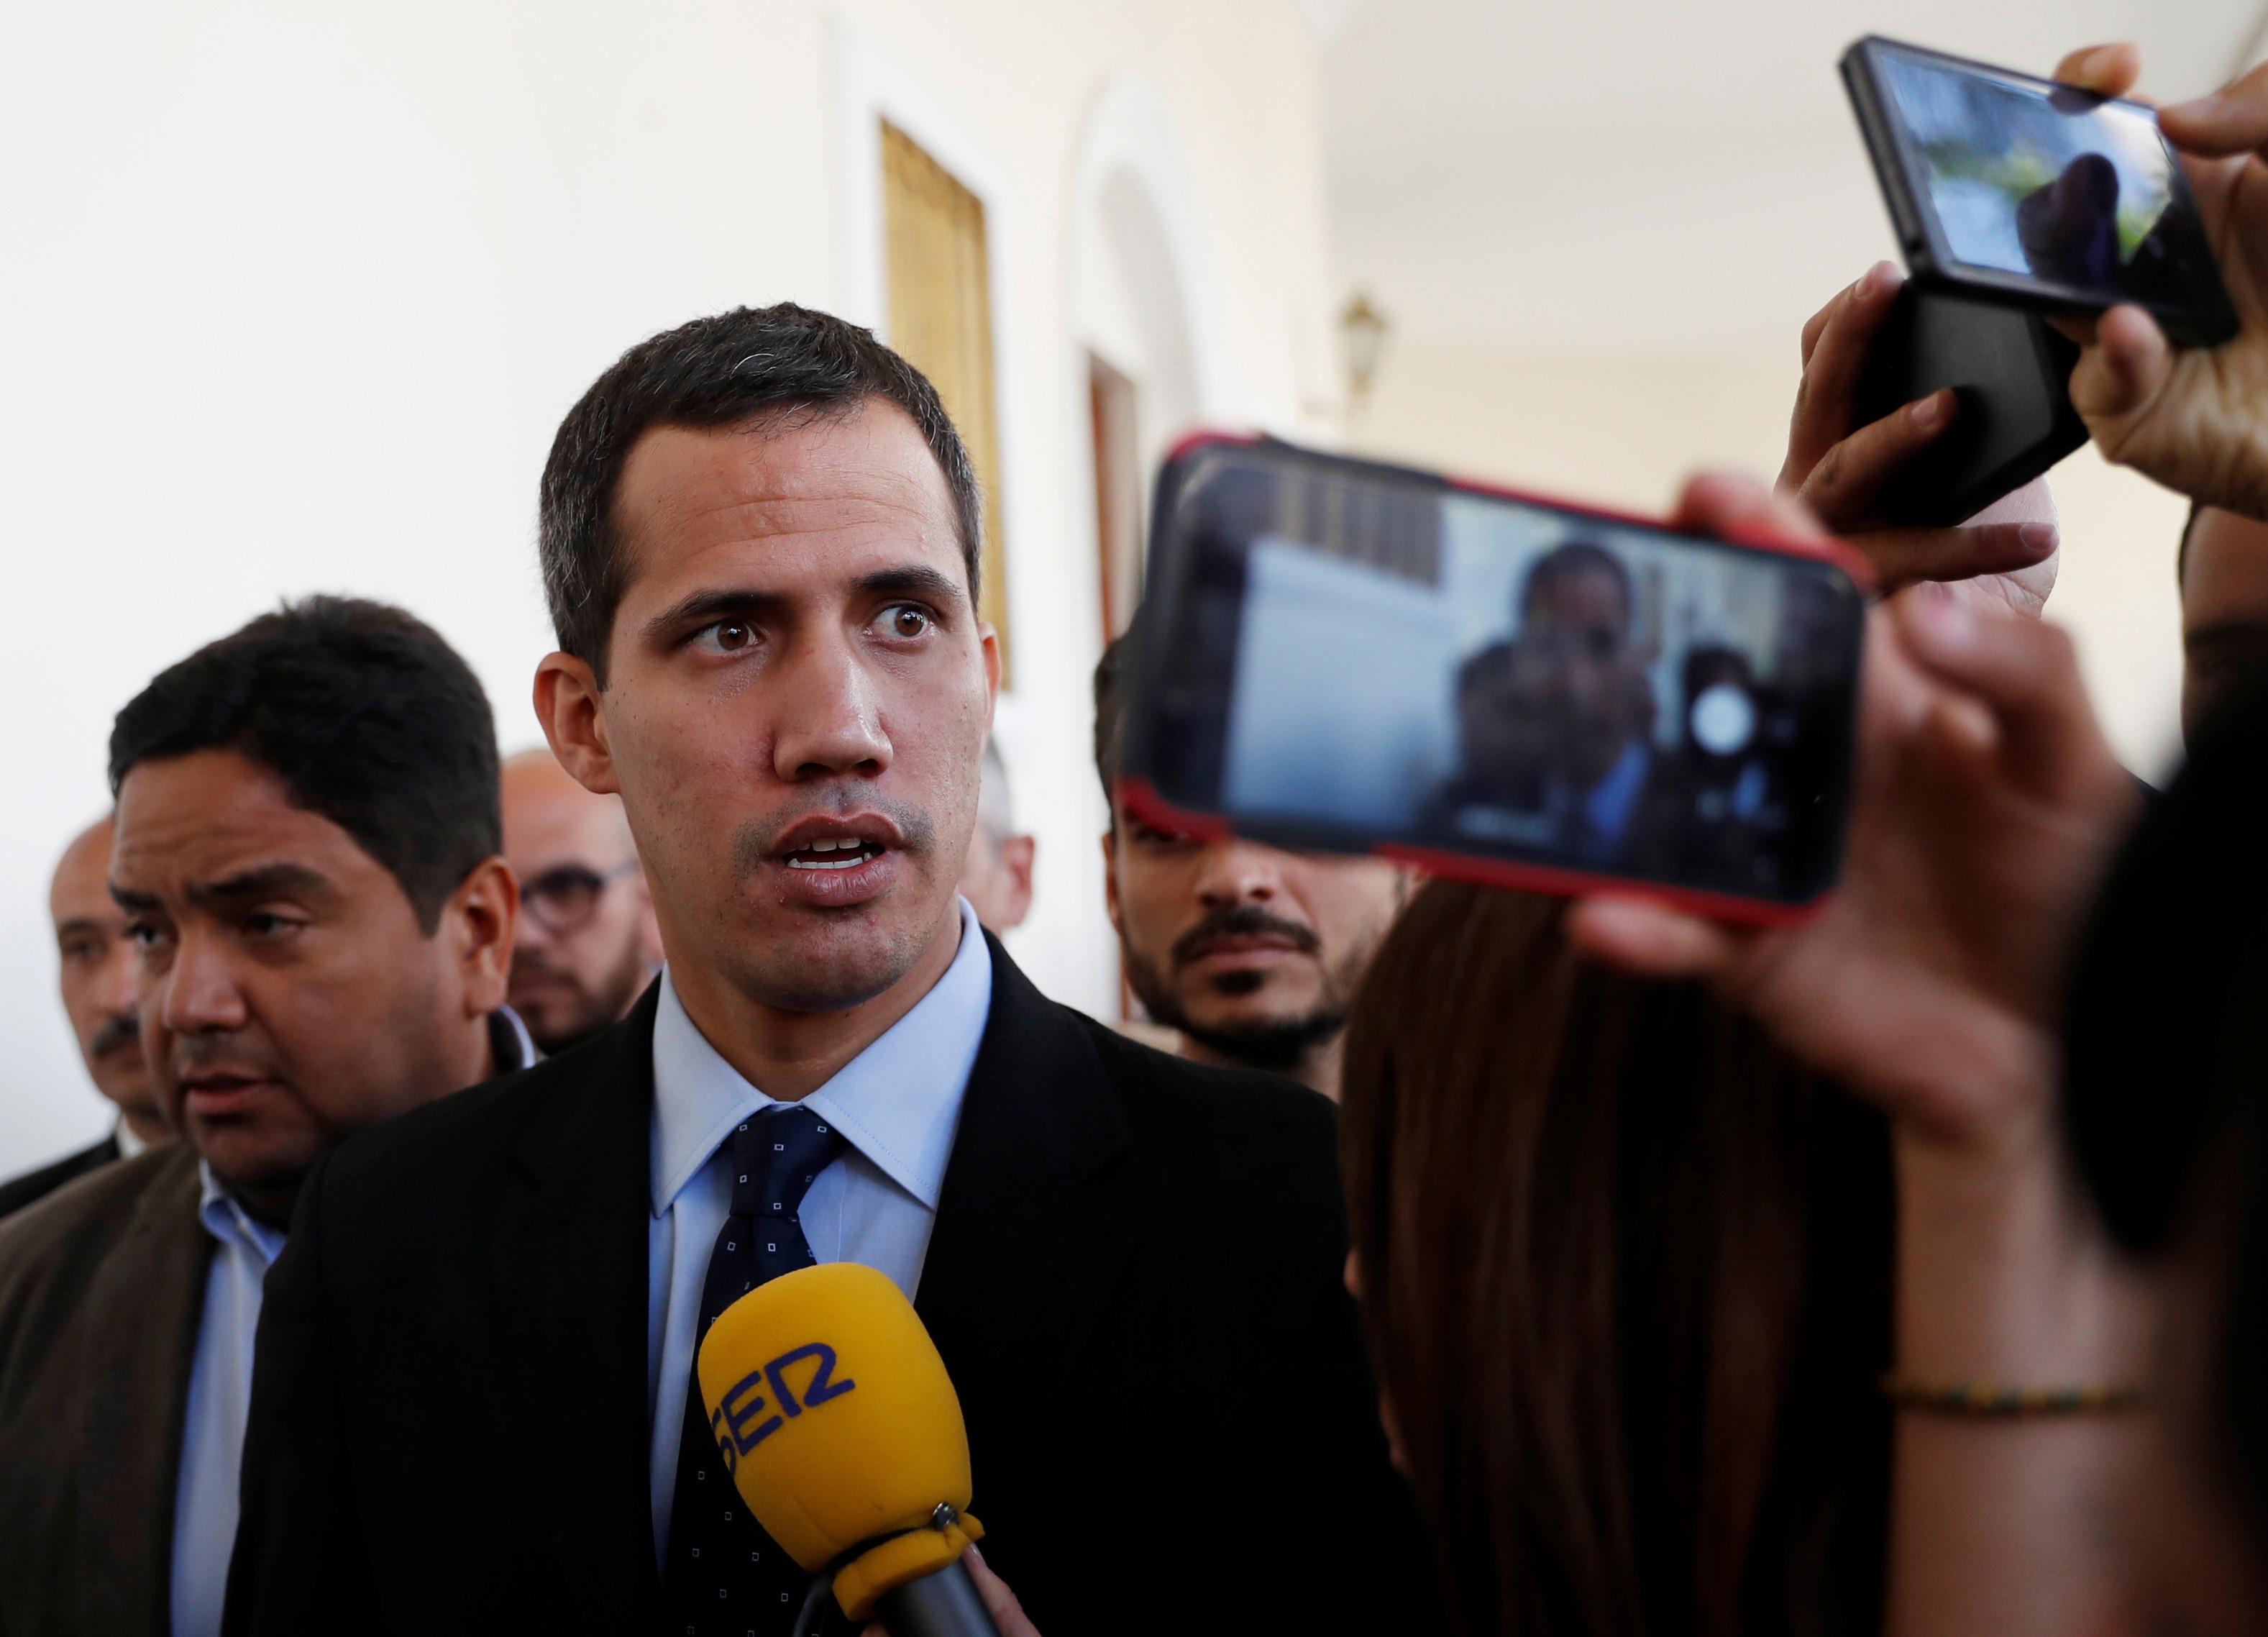 UE rejeita decisão de levantar imunidade parlamentar de Guaidó